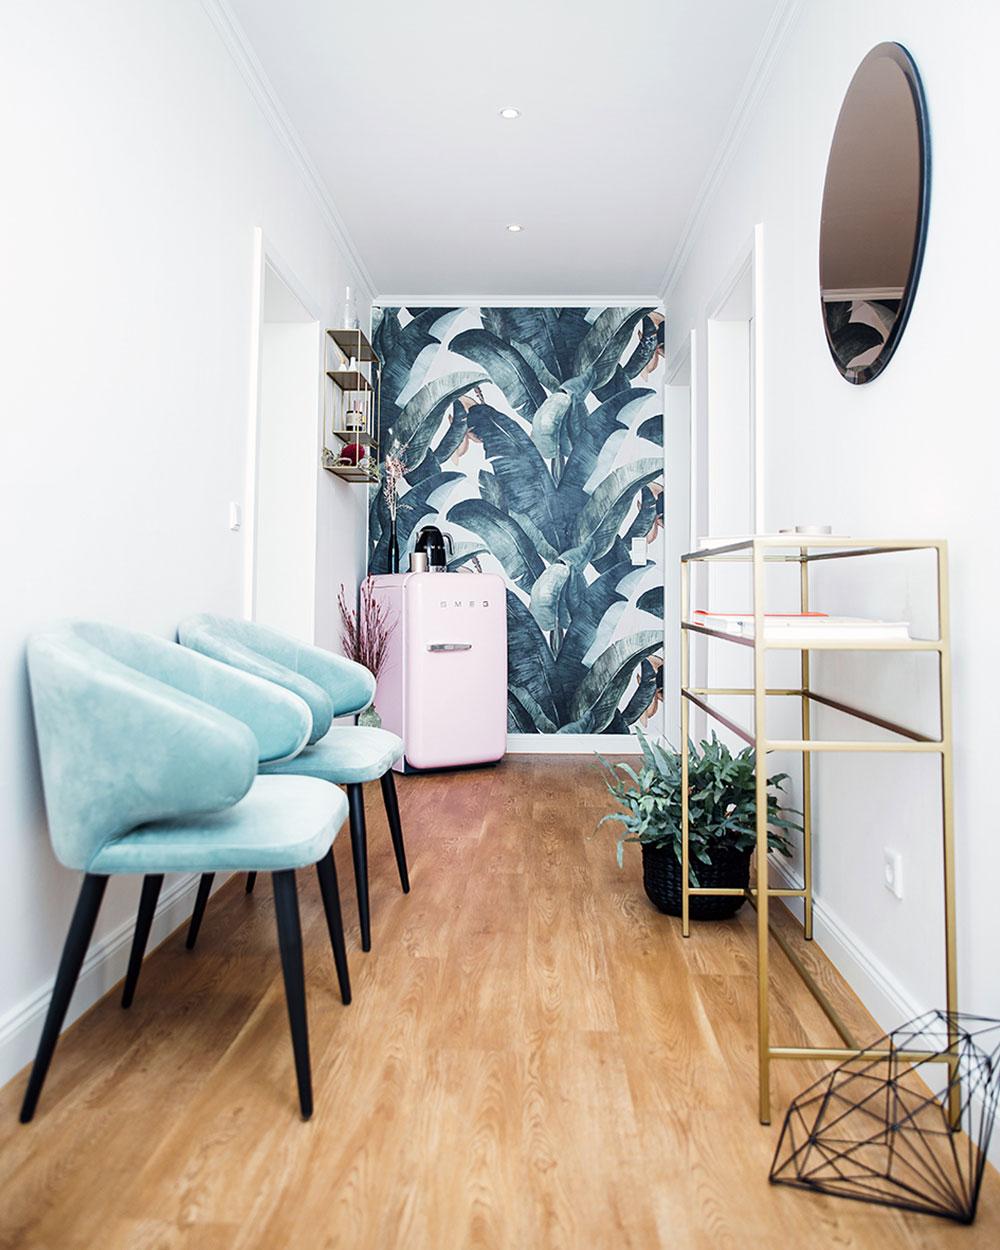 Studio von Sara Hennemann - Medizinische Kosmetik in der Elbchaussee 150